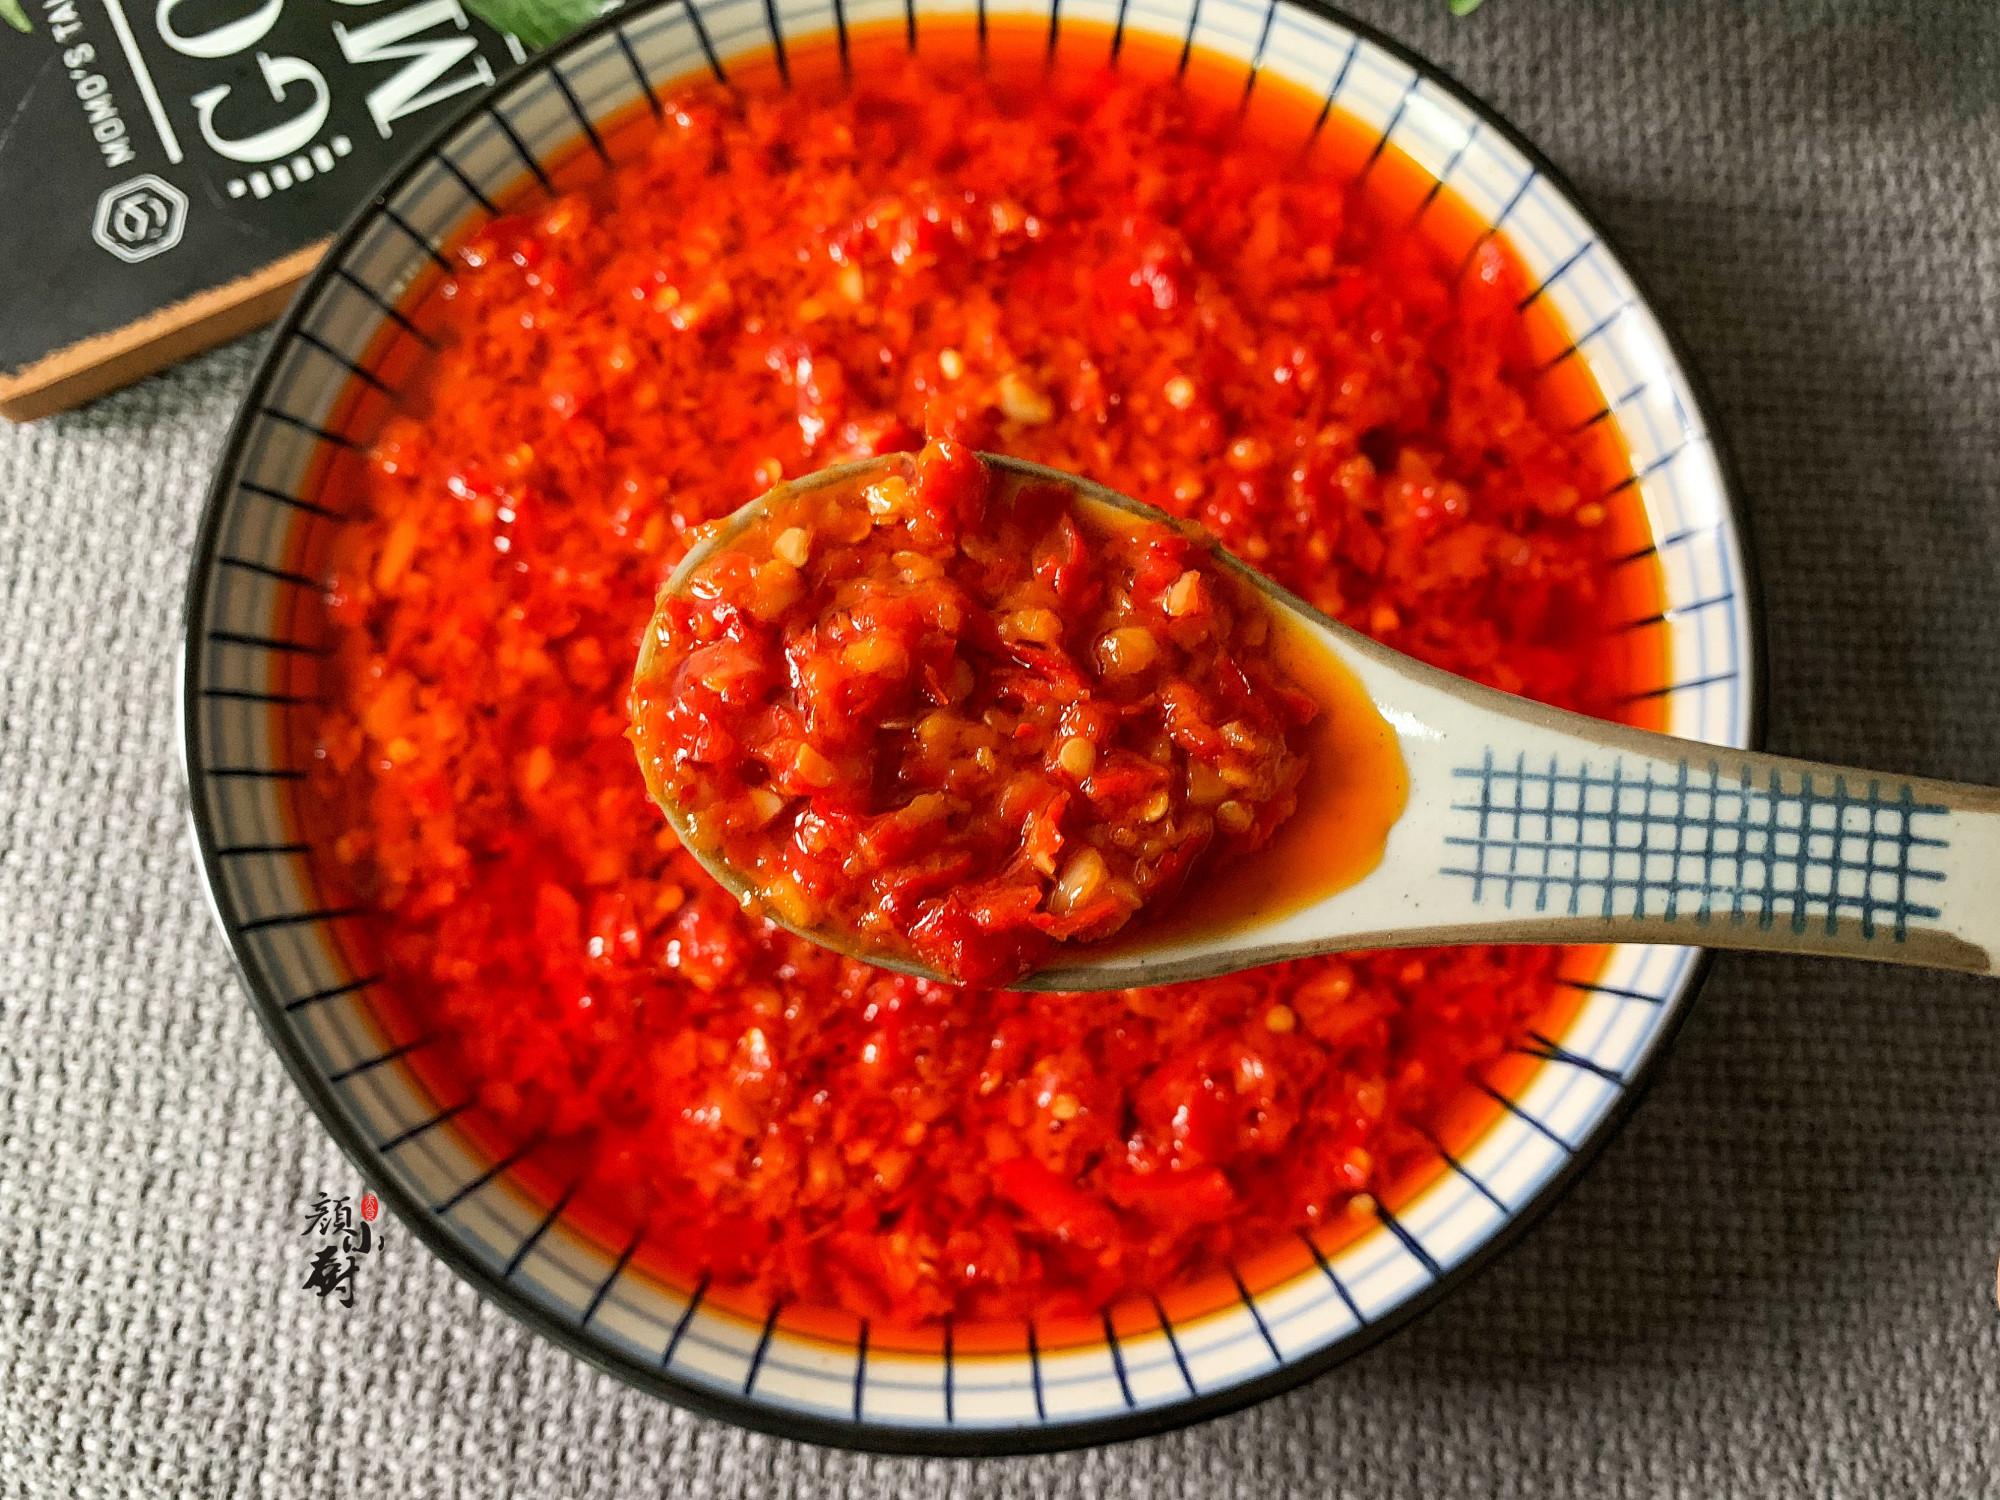 1分鐘學會蒜蓉辣椒醬的做法,做法簡單,香辣美味,快收藏